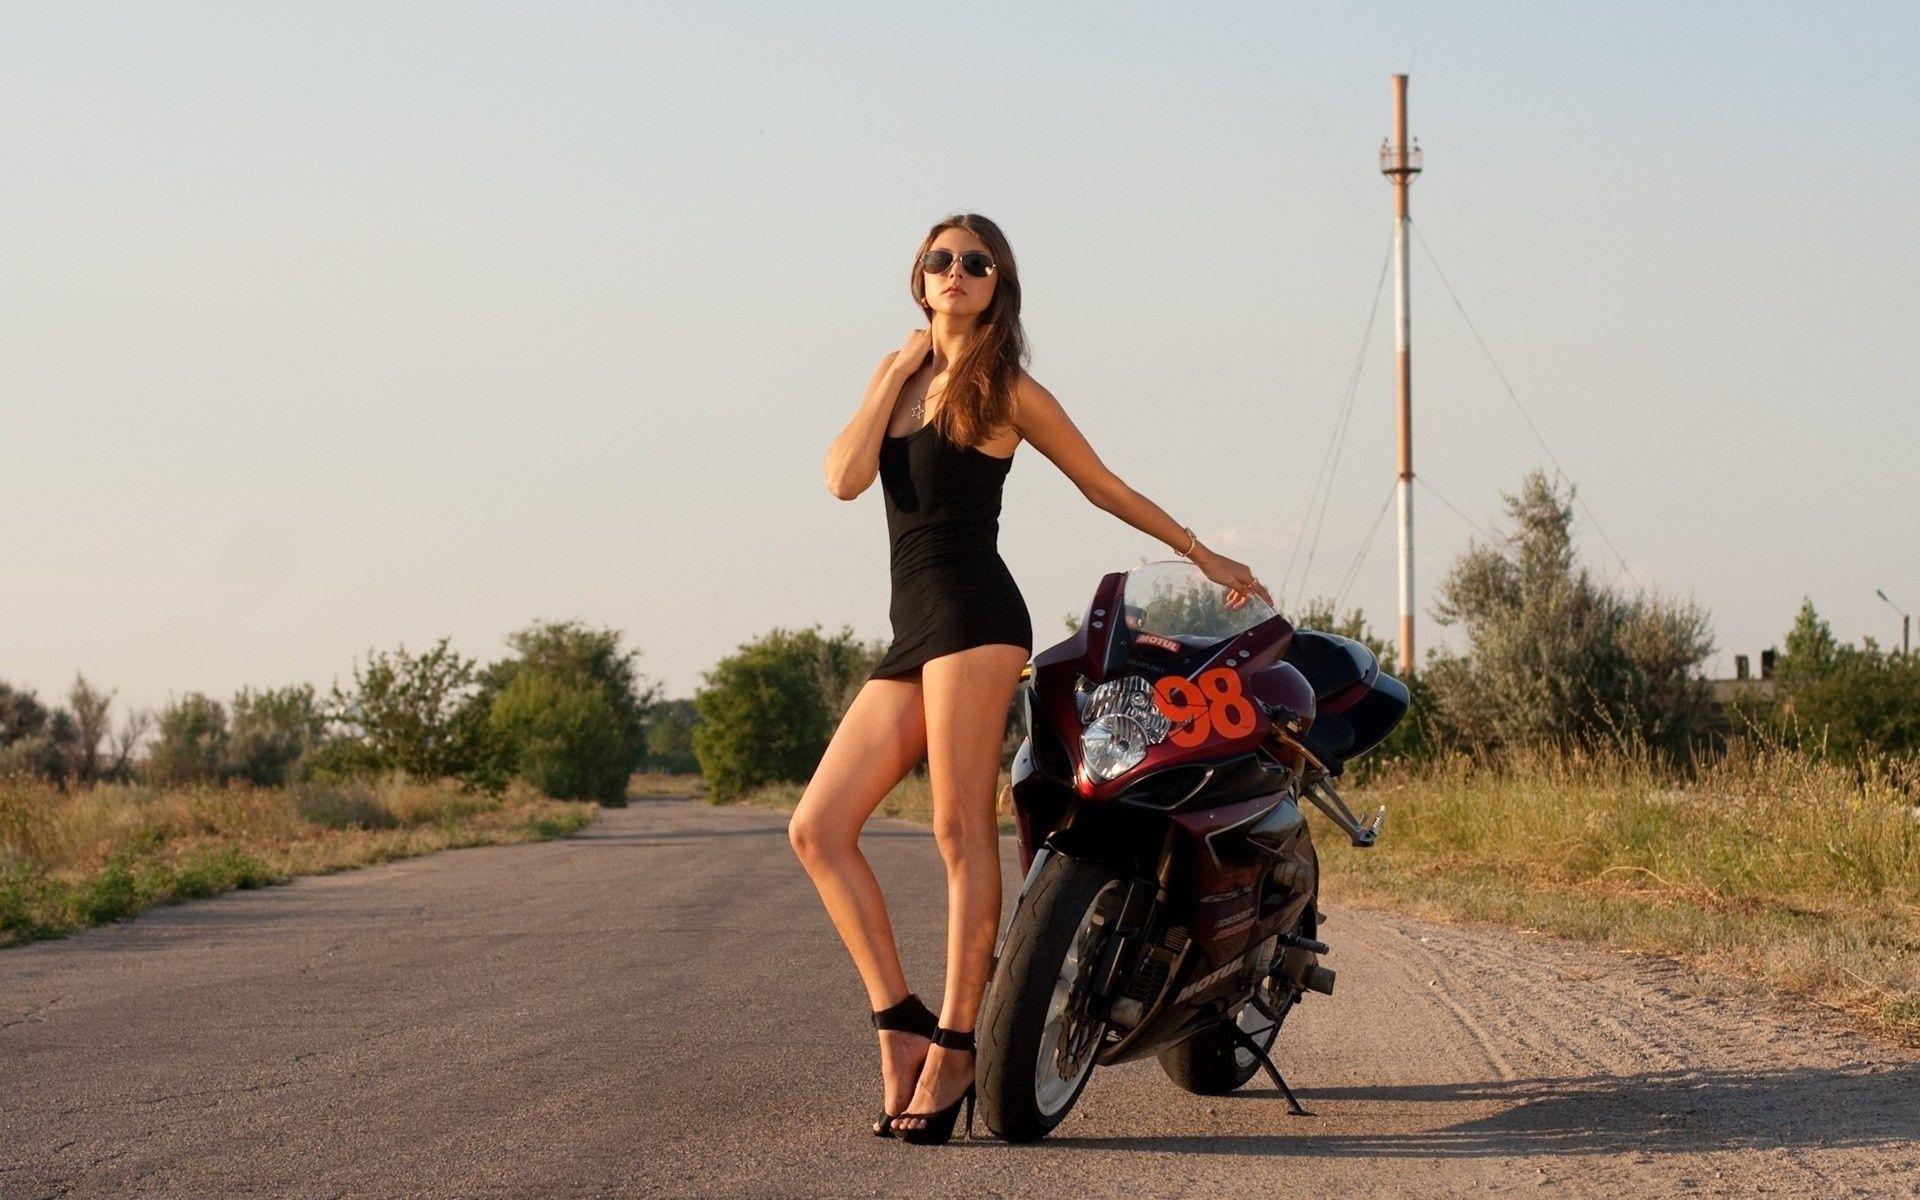 Фото девушек на мотоцикле с русыми волосами